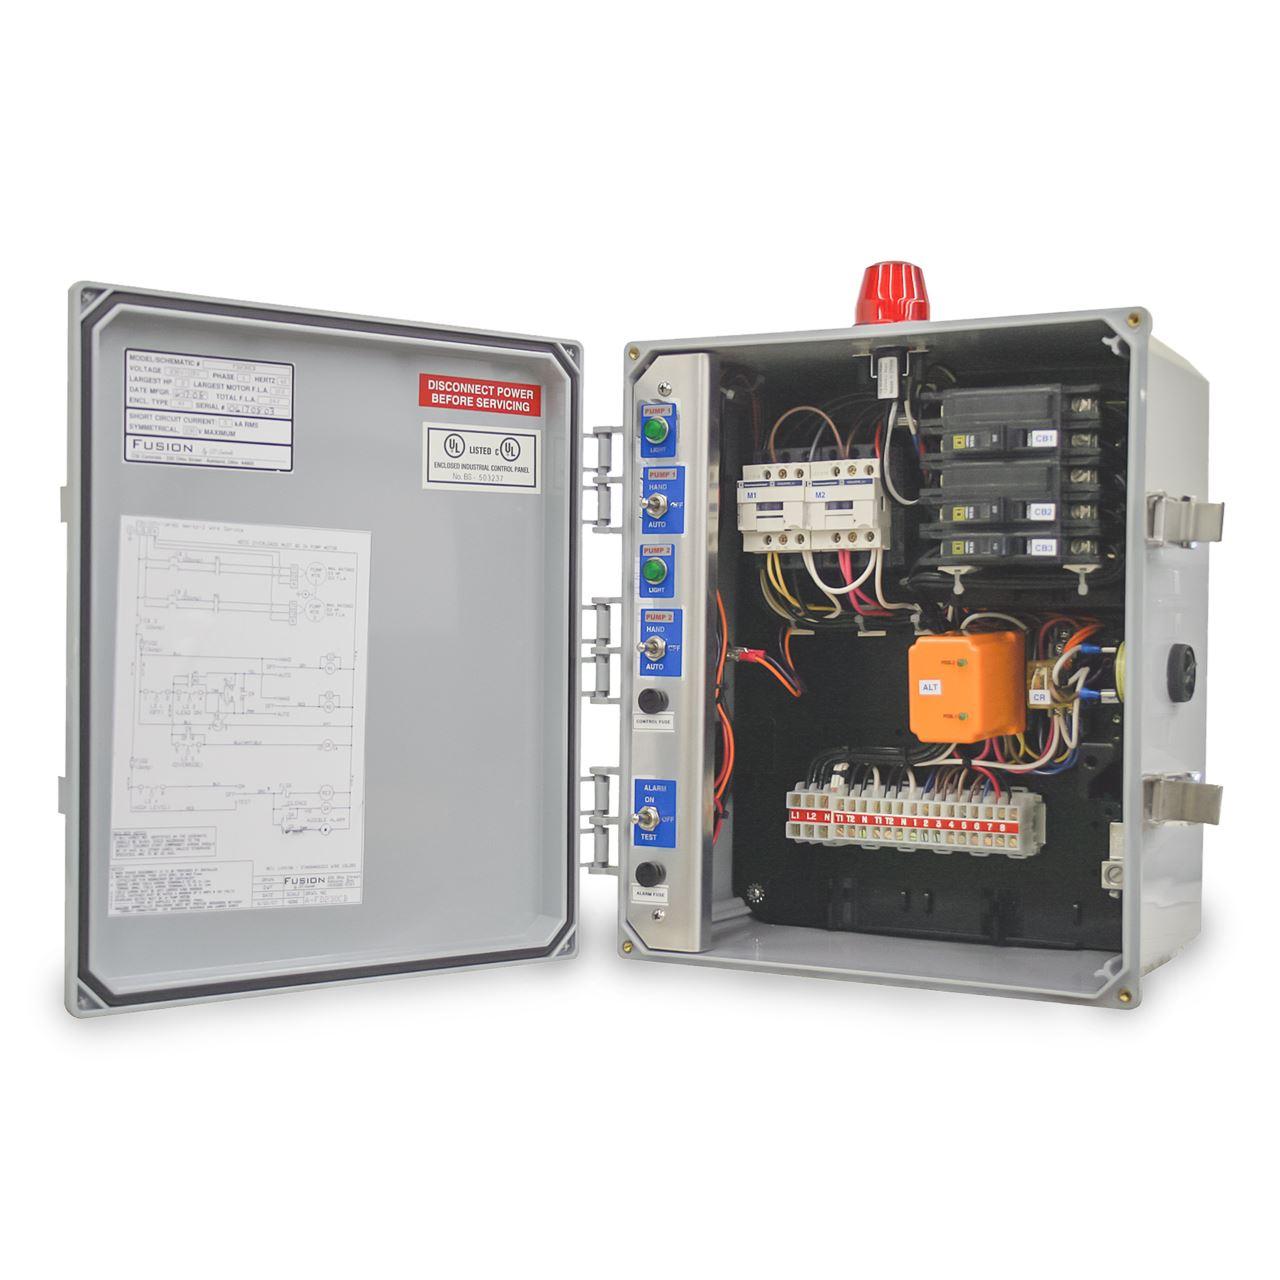 diagram 87a jeep fuel pump relay csi controls csi controls fd230cb fc20 x fusion duplex pump panelcsi controls fd230cb fc20 x fusion [ 1280 x 1280 Pixel ]